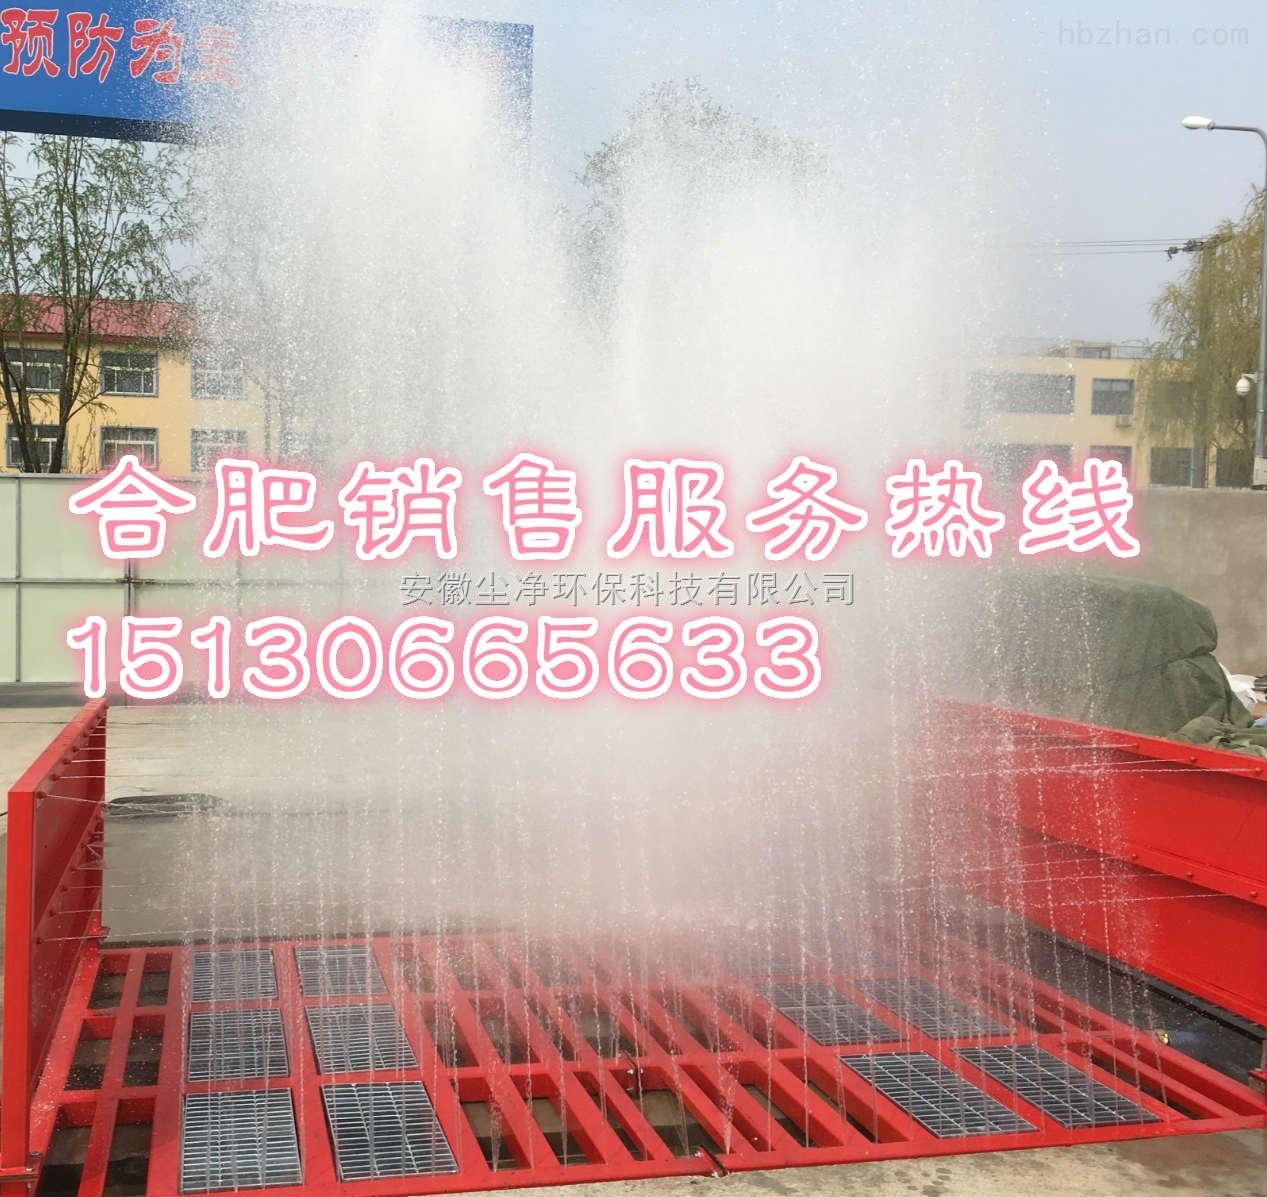 安徽合肥工地冲洗设备